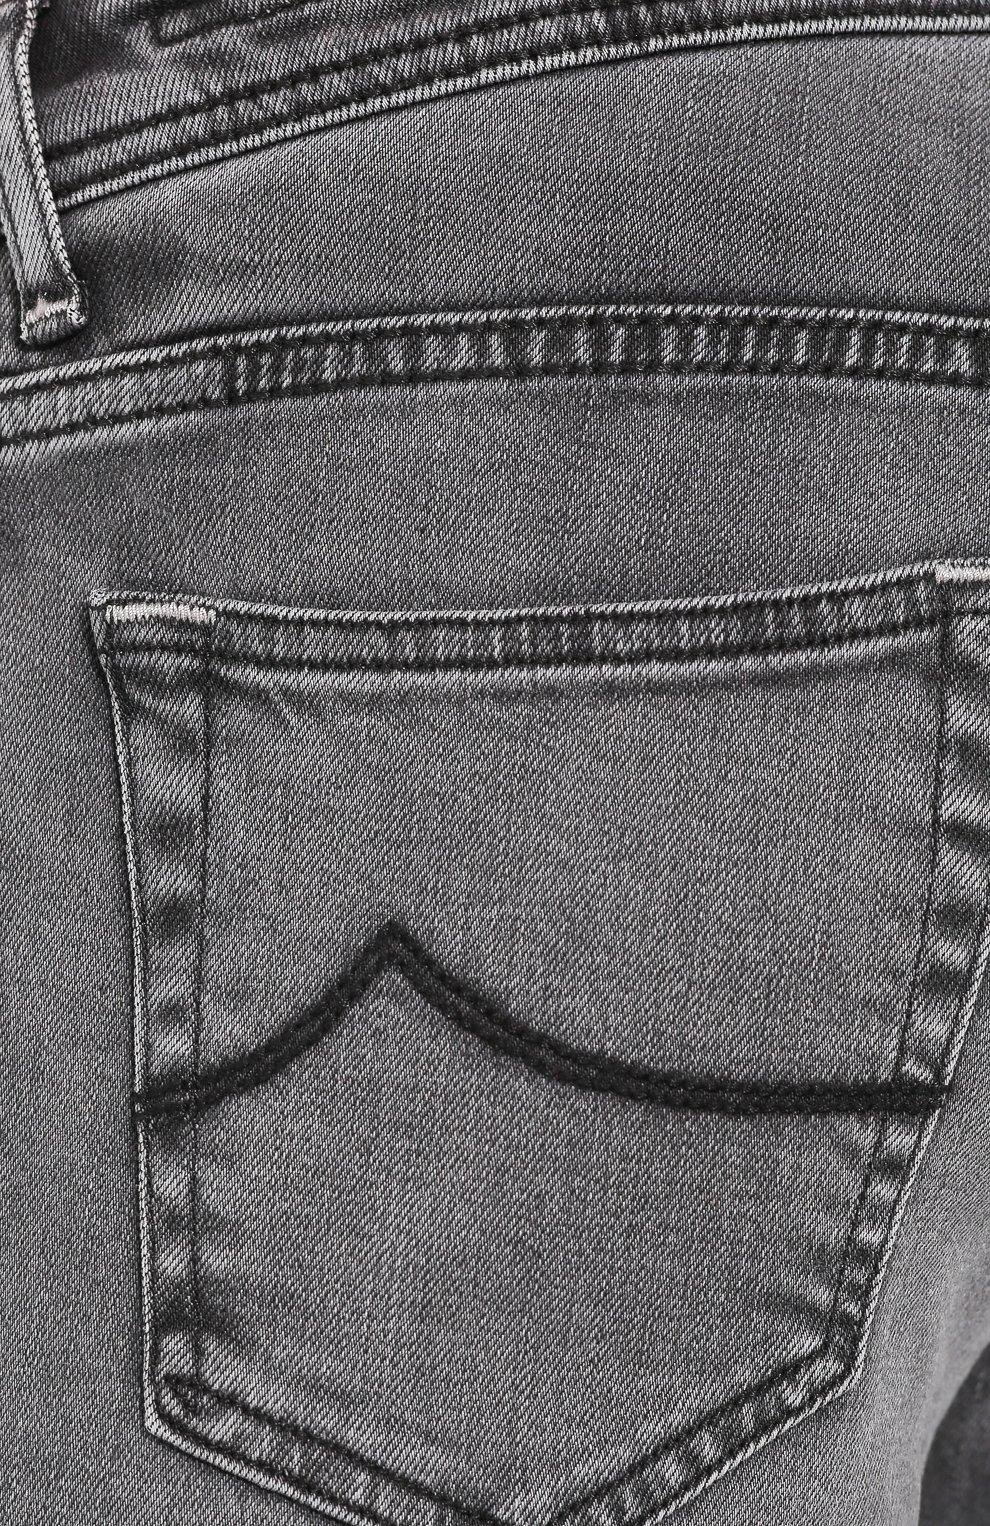 Мужские джинсы JACOB COHEN темно-серого цвета, арт. J622 SLIM C0MF 01856-W3/53 | Фото 5